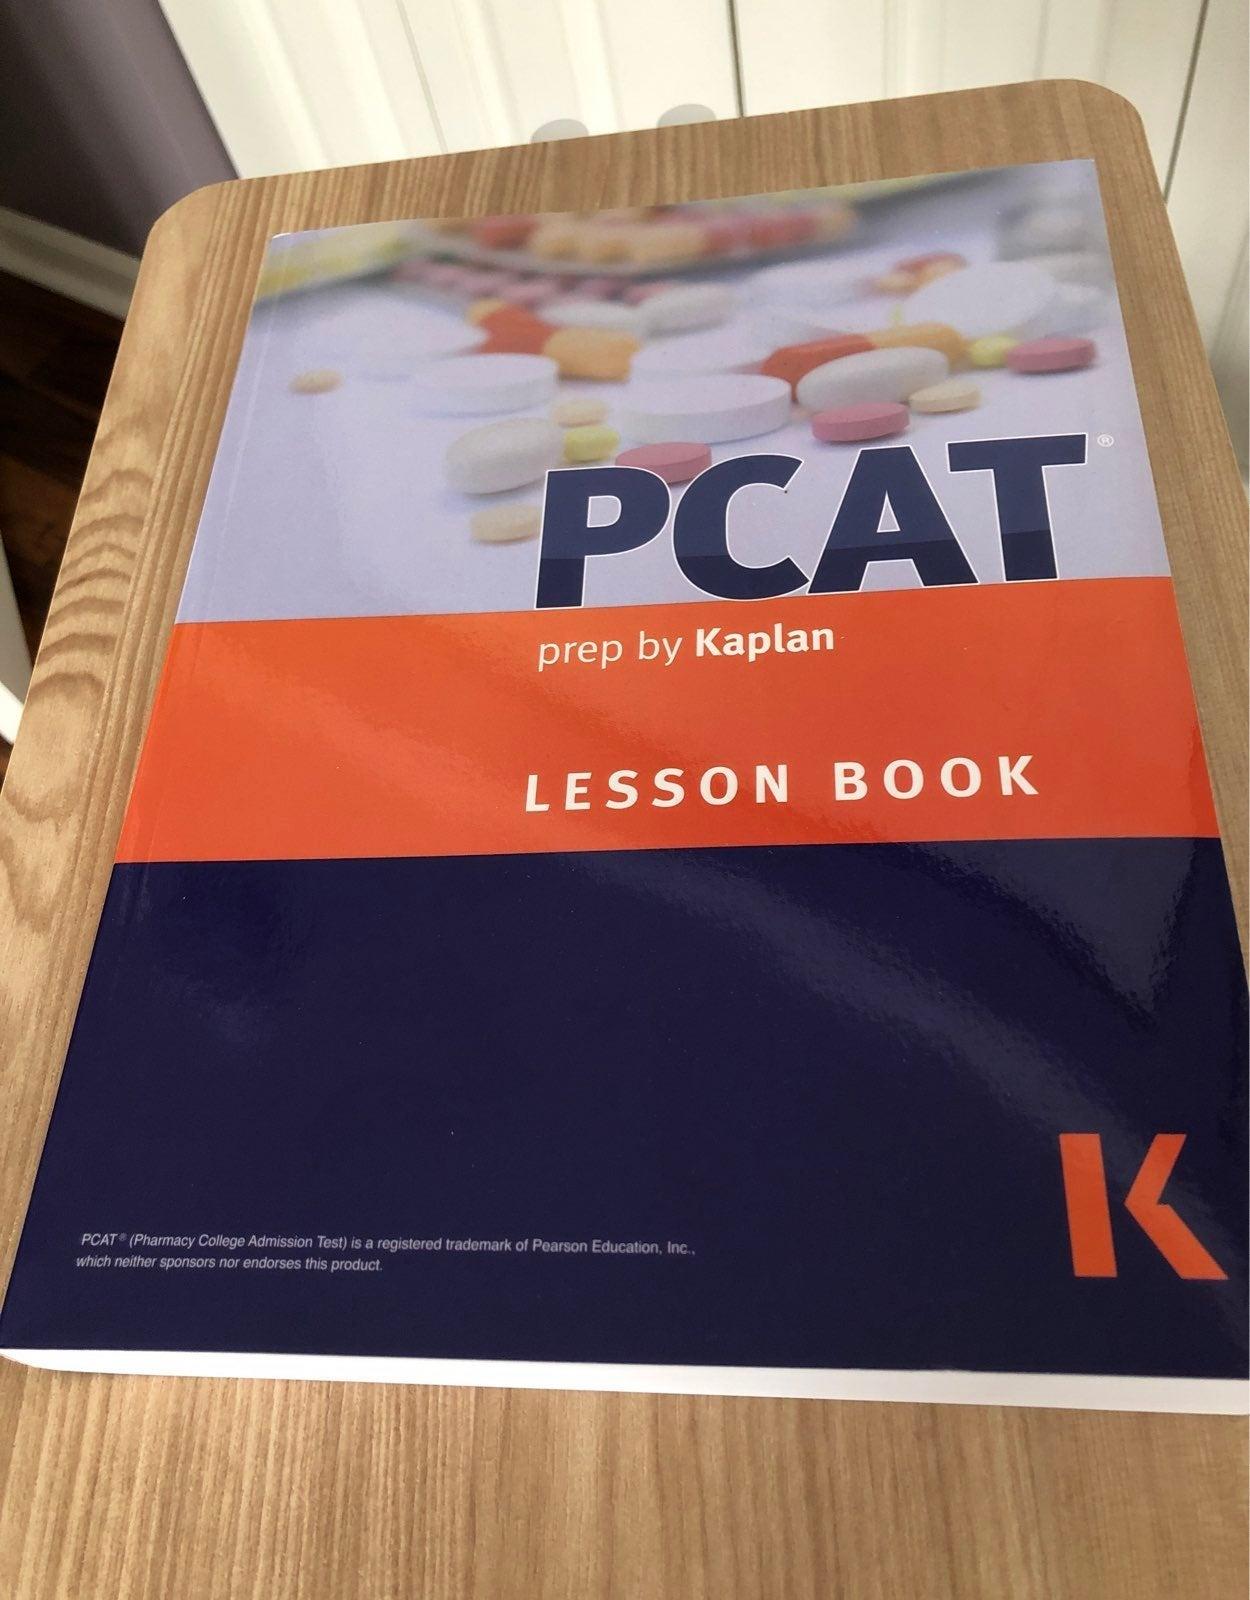 PCAT Kaplan study book